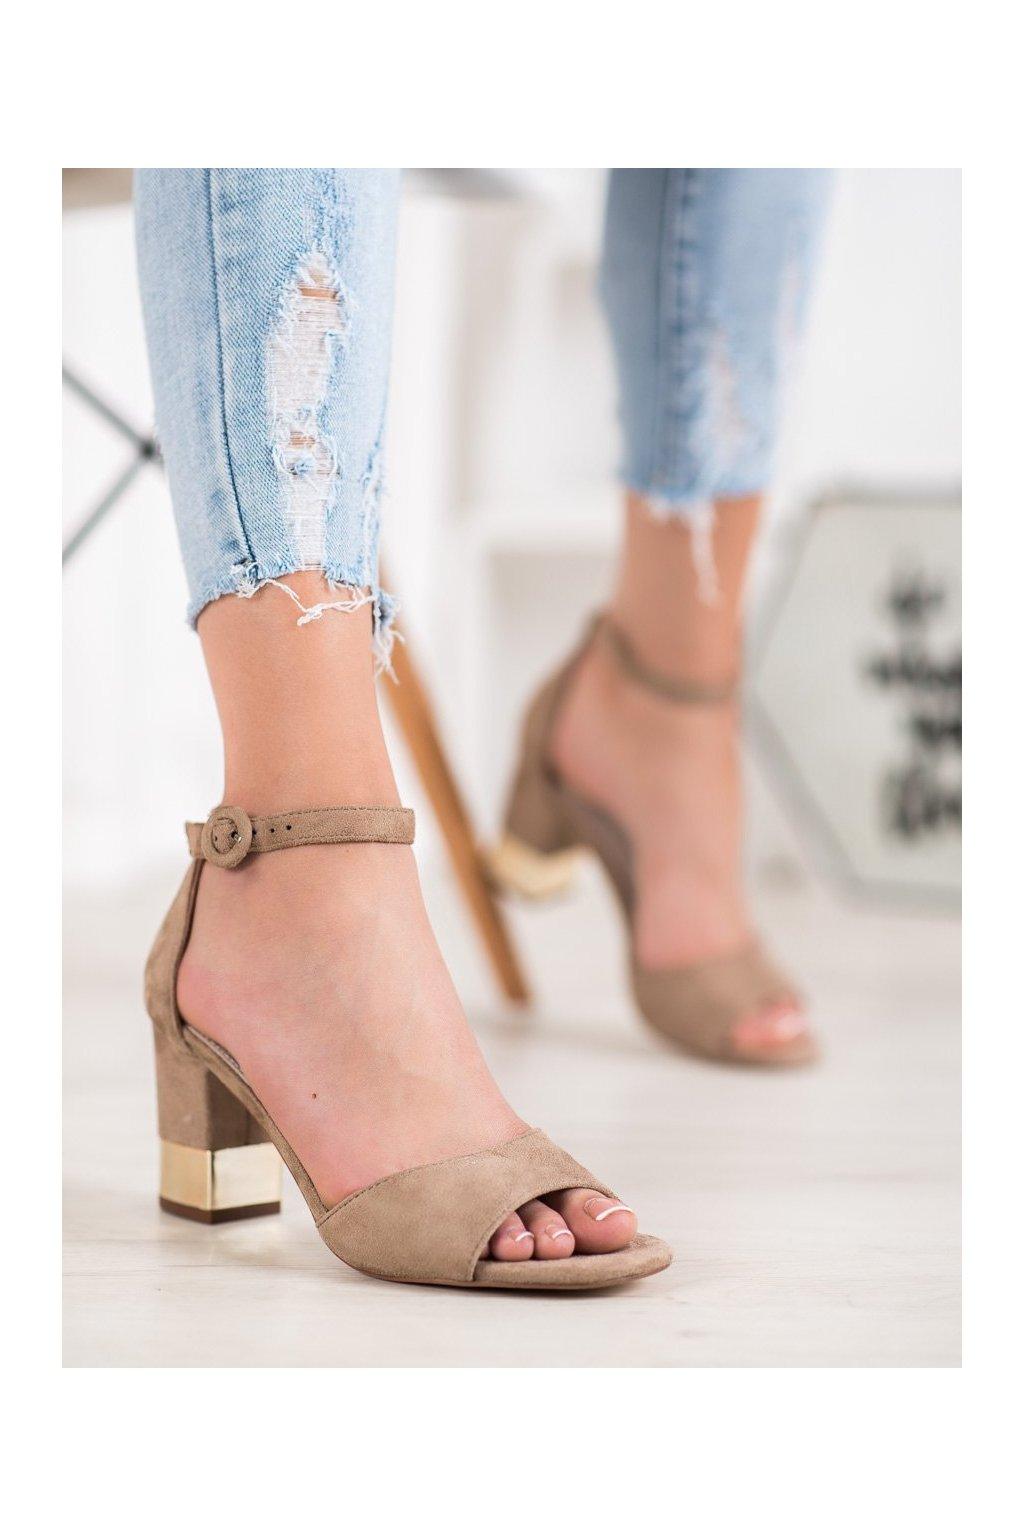 Hnedé sandále Filippo kod DS1288/20BE